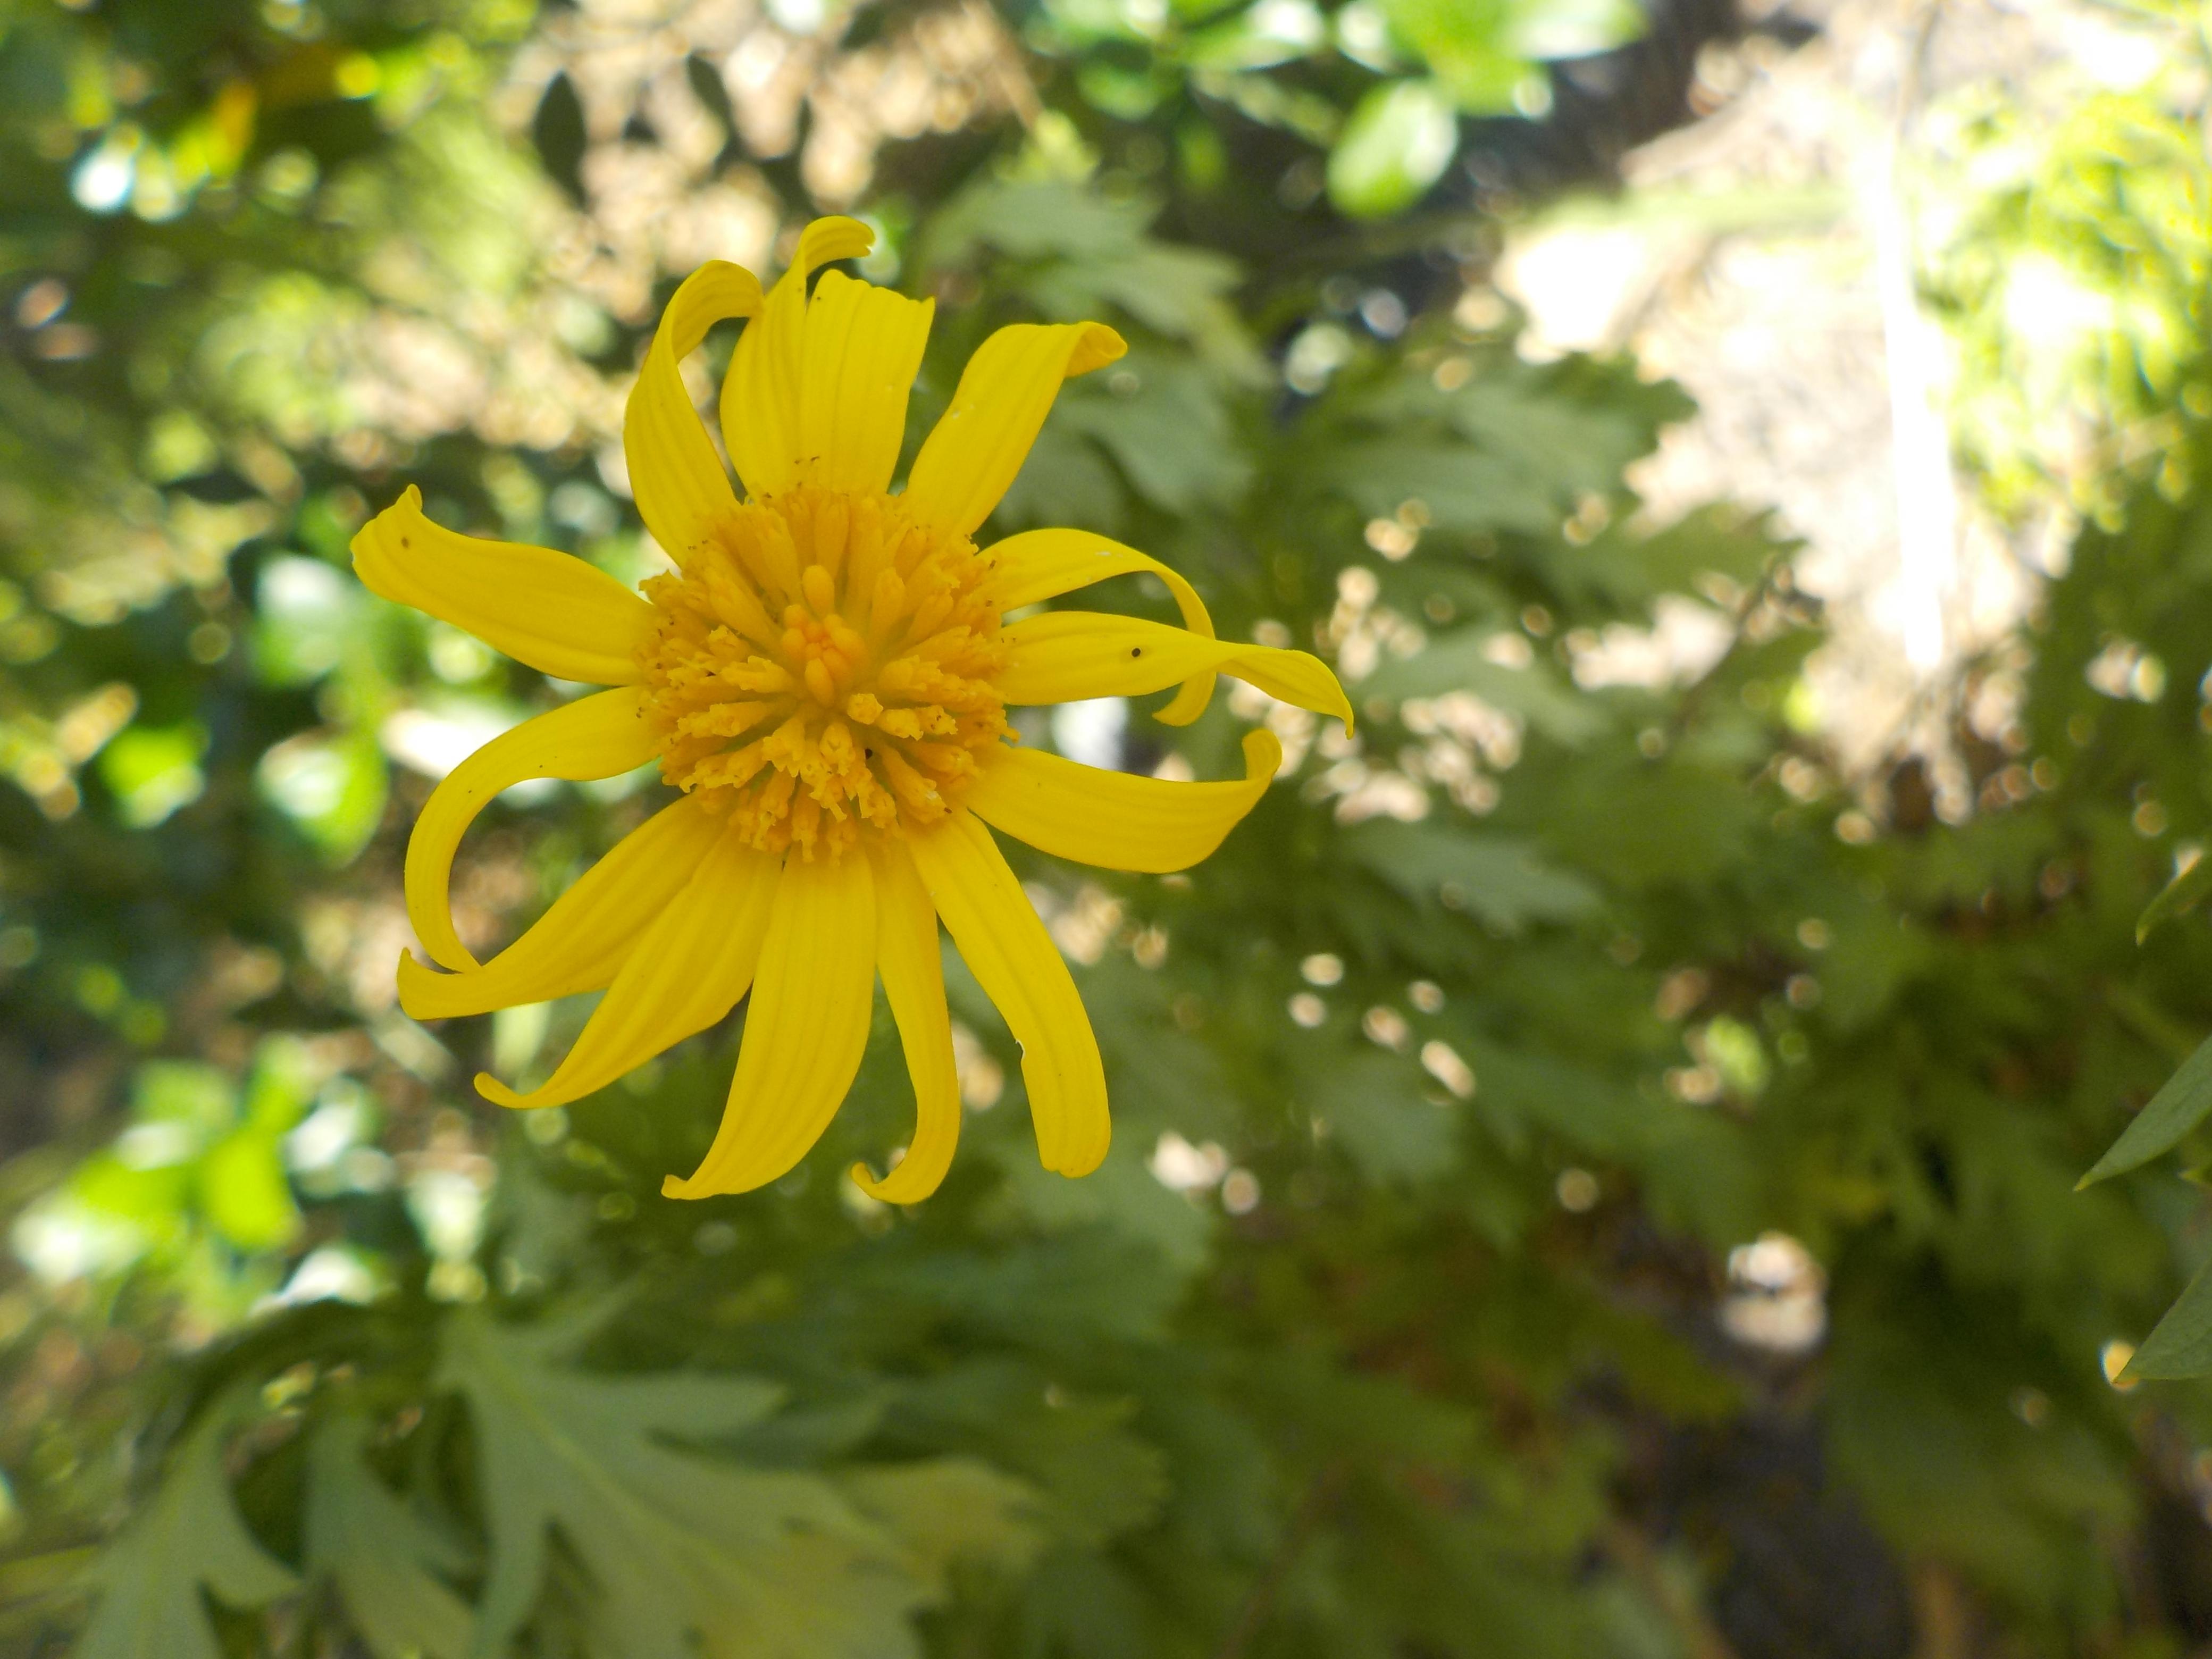 Dainty Flower by Taking-Flyte